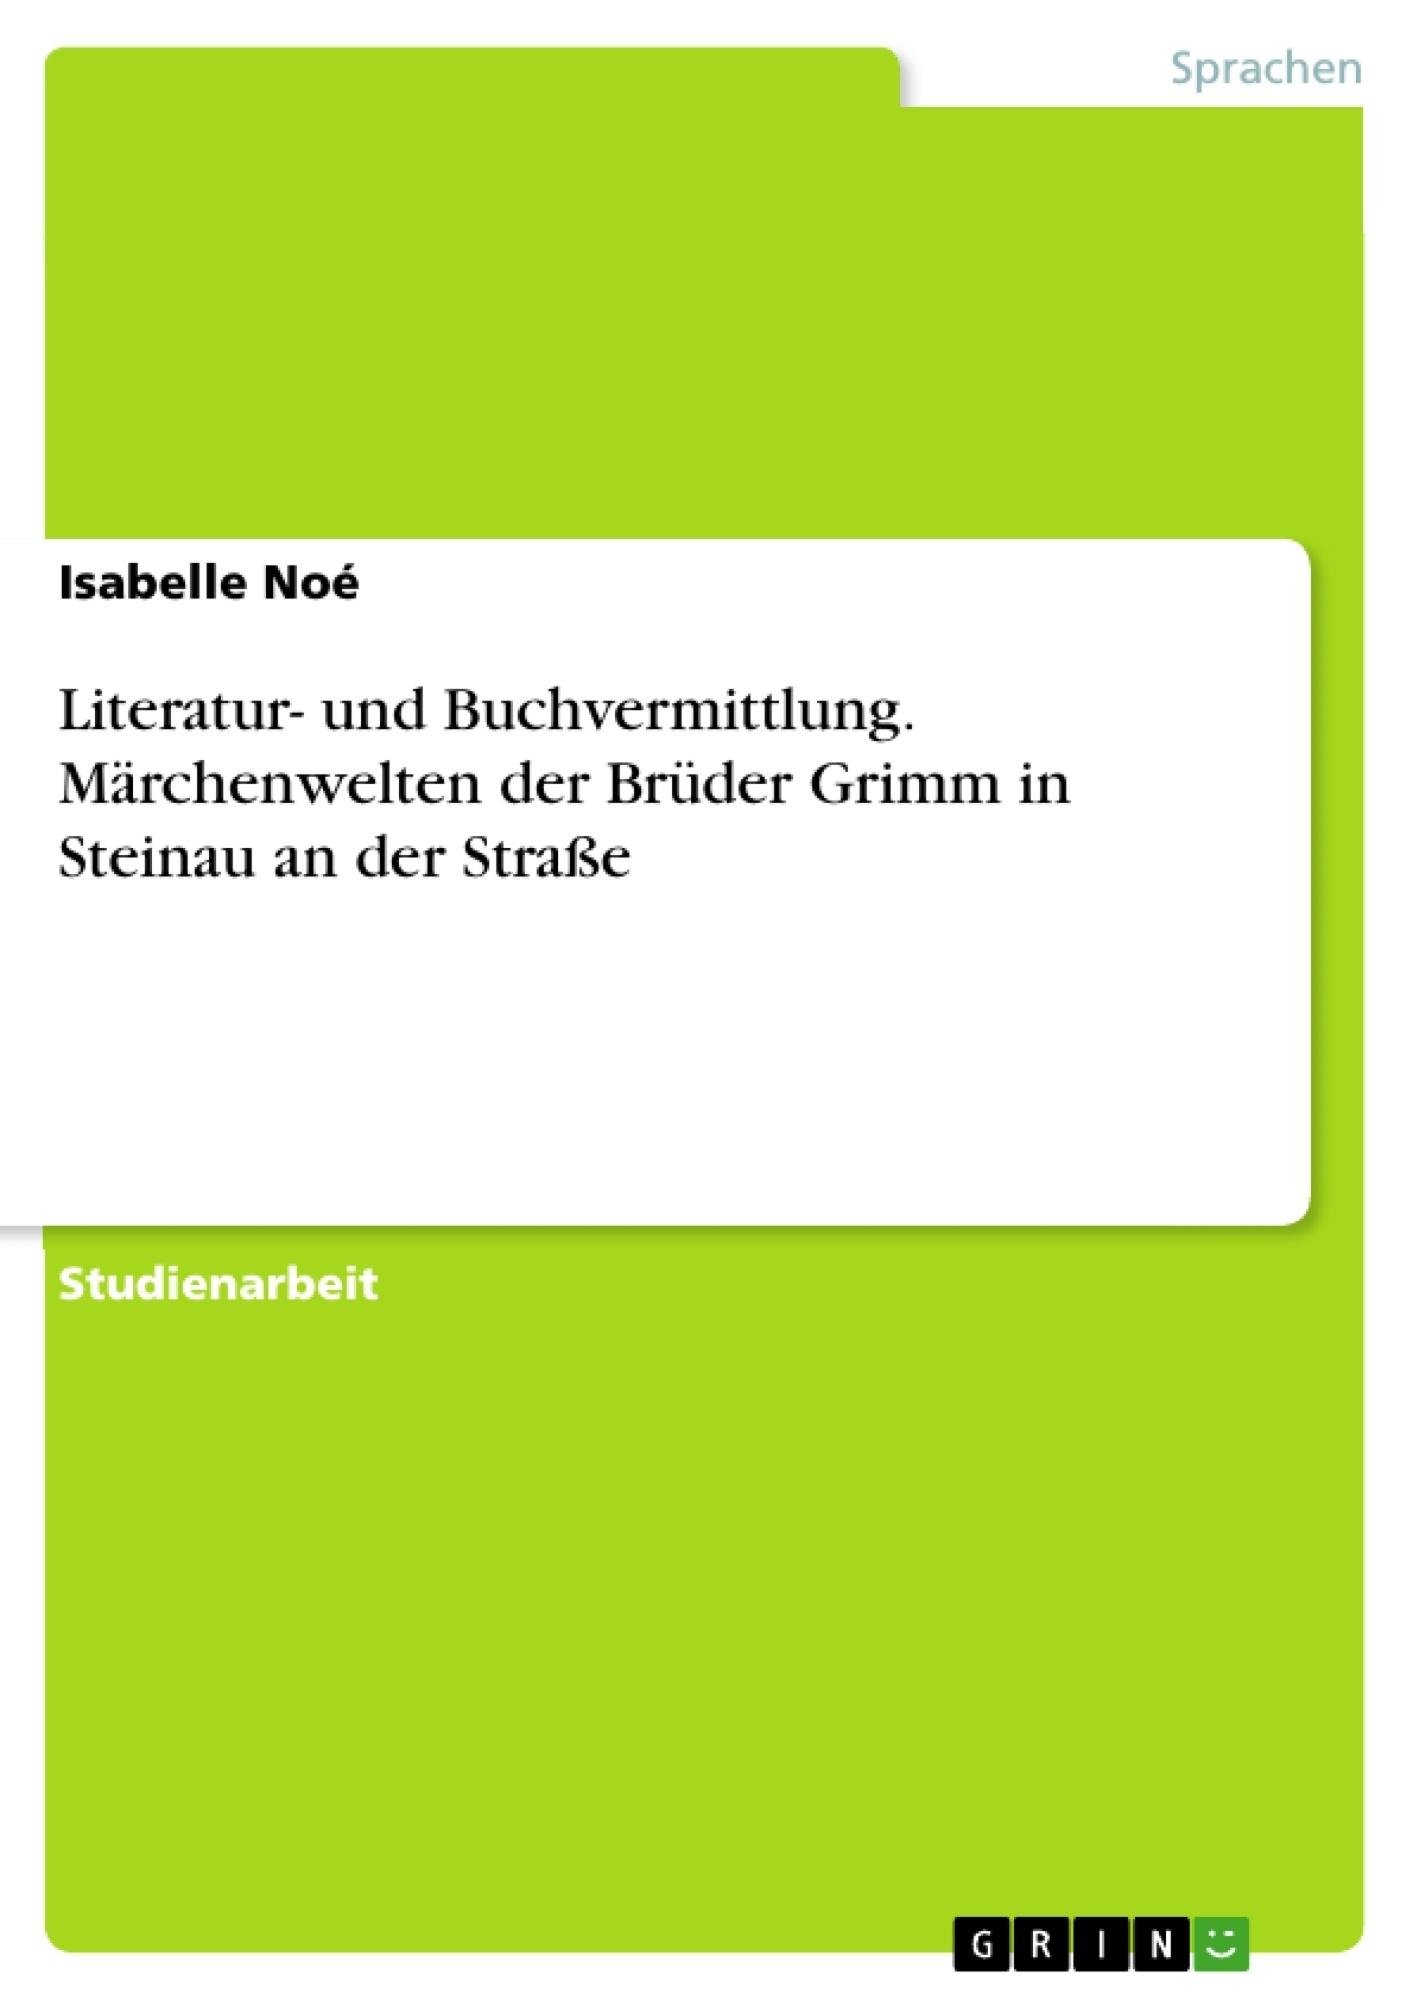 Titel: Literatur- und Buchvermittlung. Märchenwelten der Brüder Grimm in Steinau an der Straße